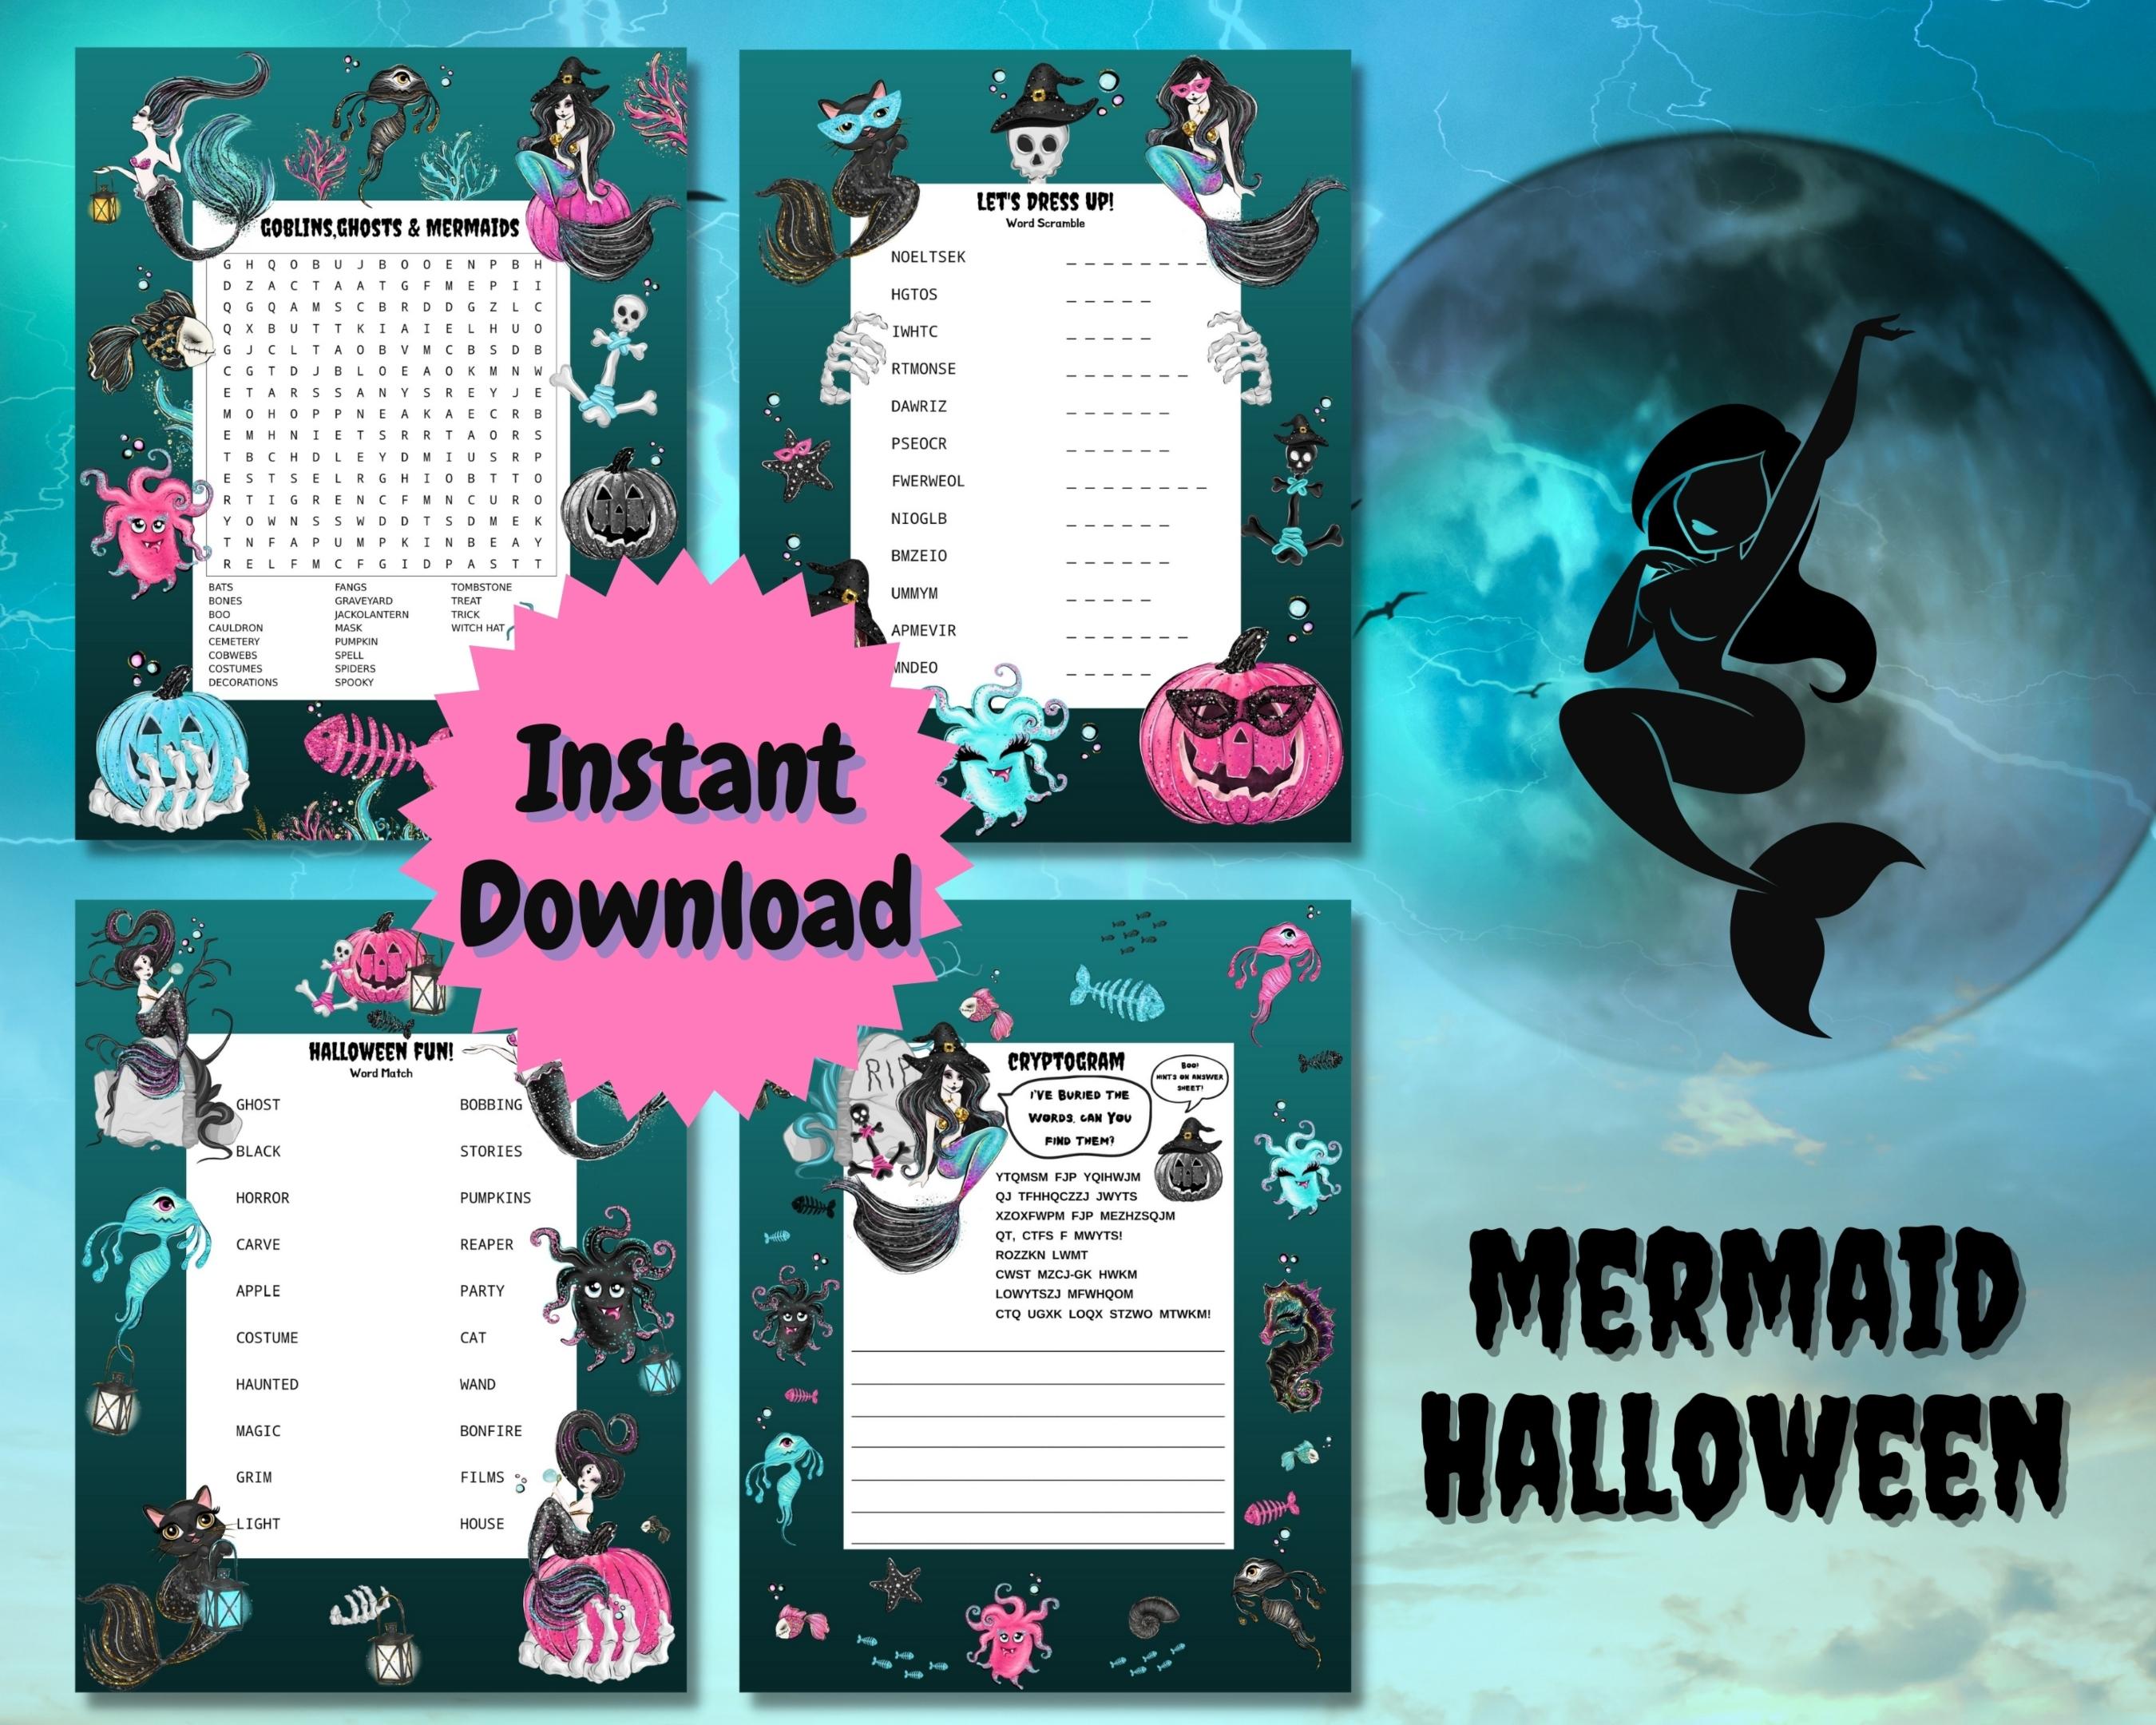 Mermaid Halloween Word Puzzles